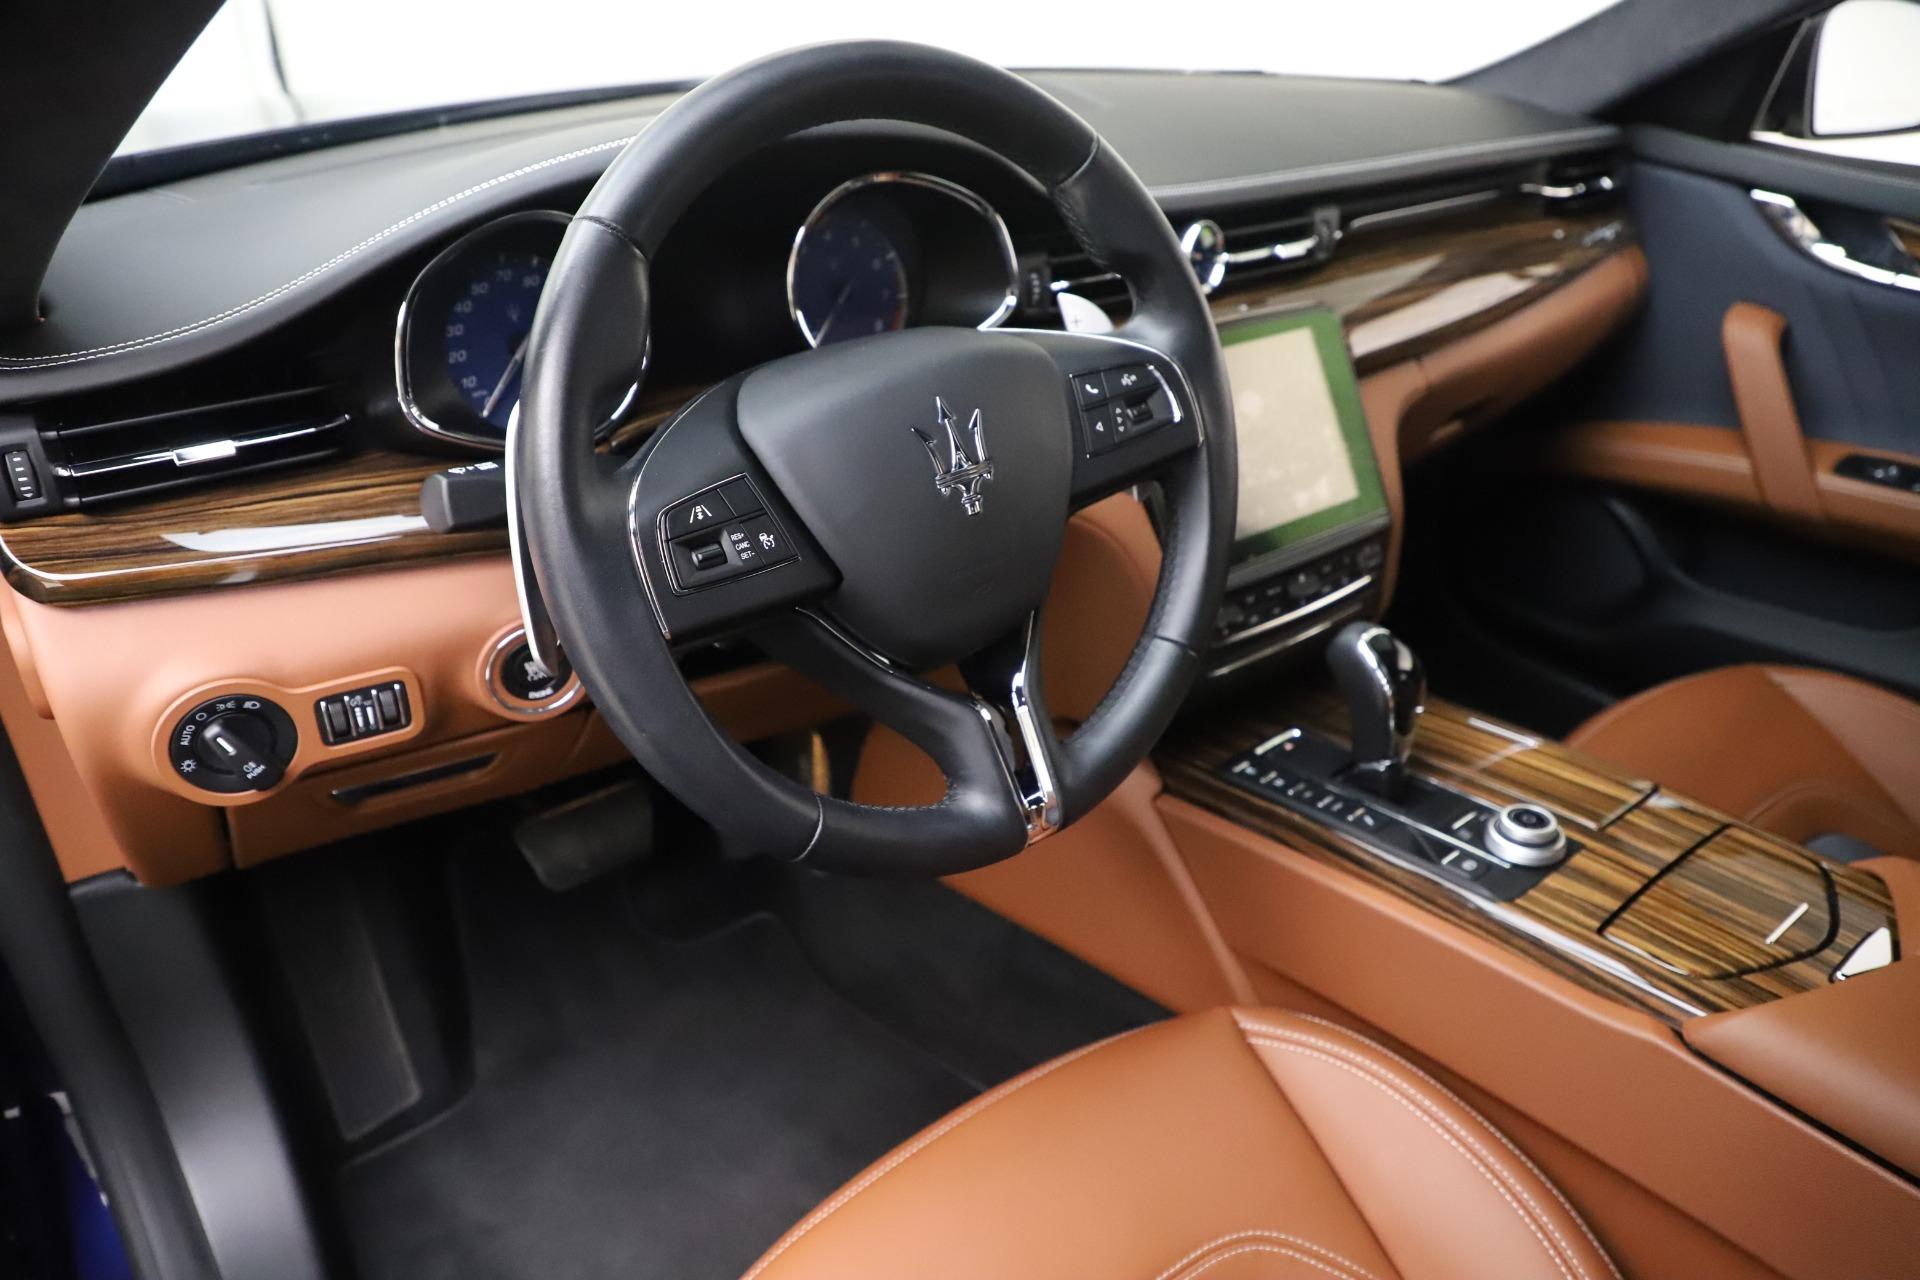 Used 2017 Maserati Quattroporte S Q4 GranLusso For Sale In Greenwich, CT 3553_p13